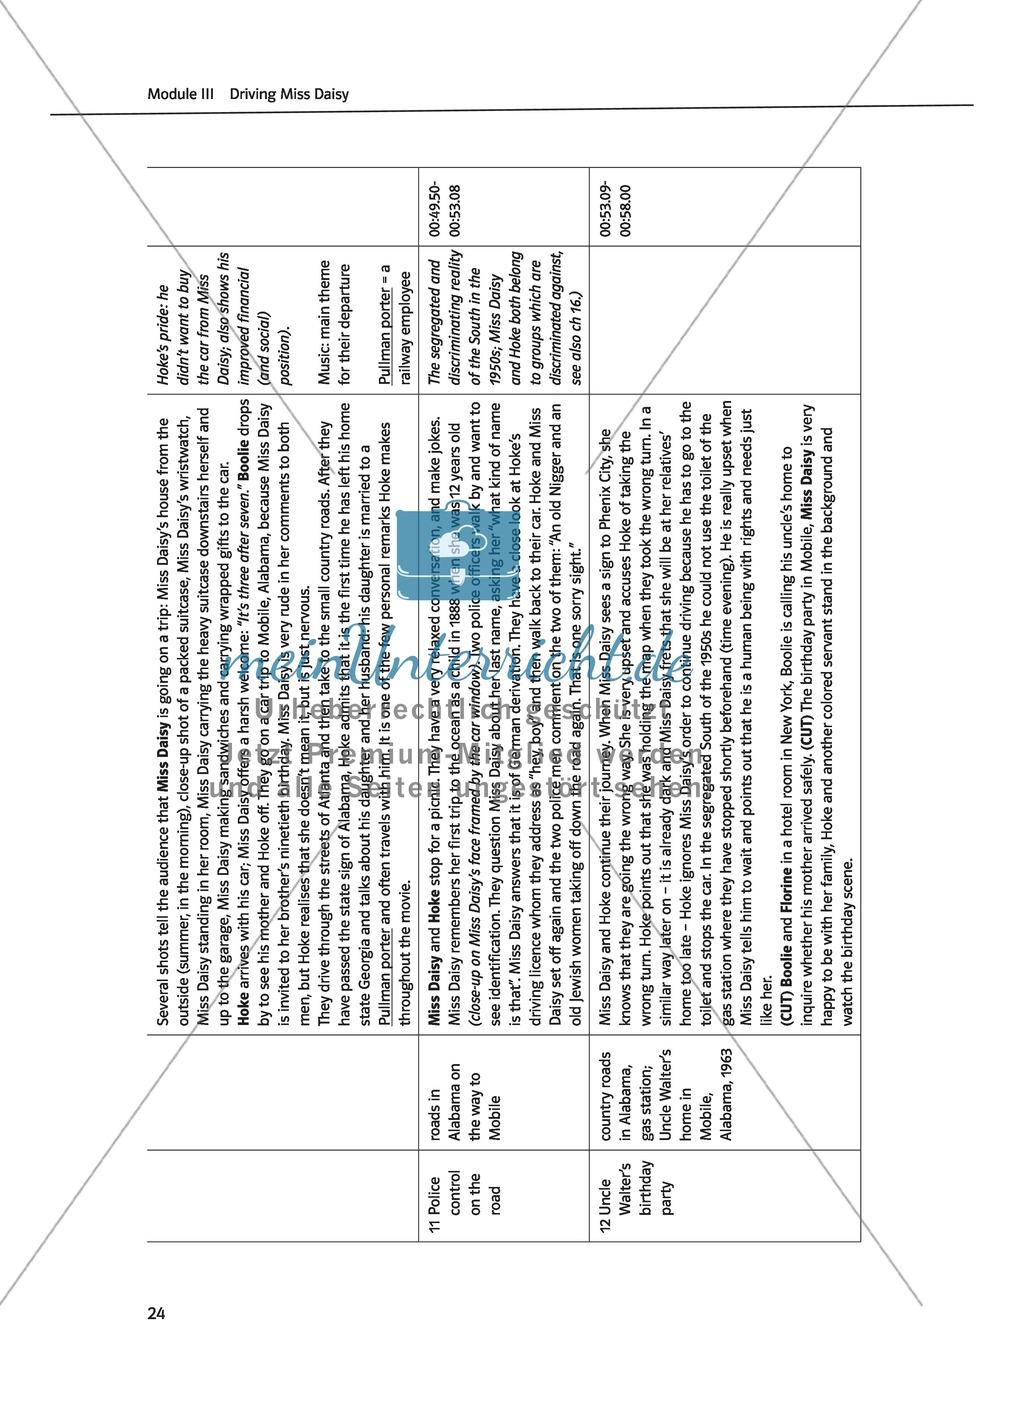 Driving Miss Daisy: Lernziele + Inhalt + Arbeitsblätter + Klausur + Lösungen Preview 6